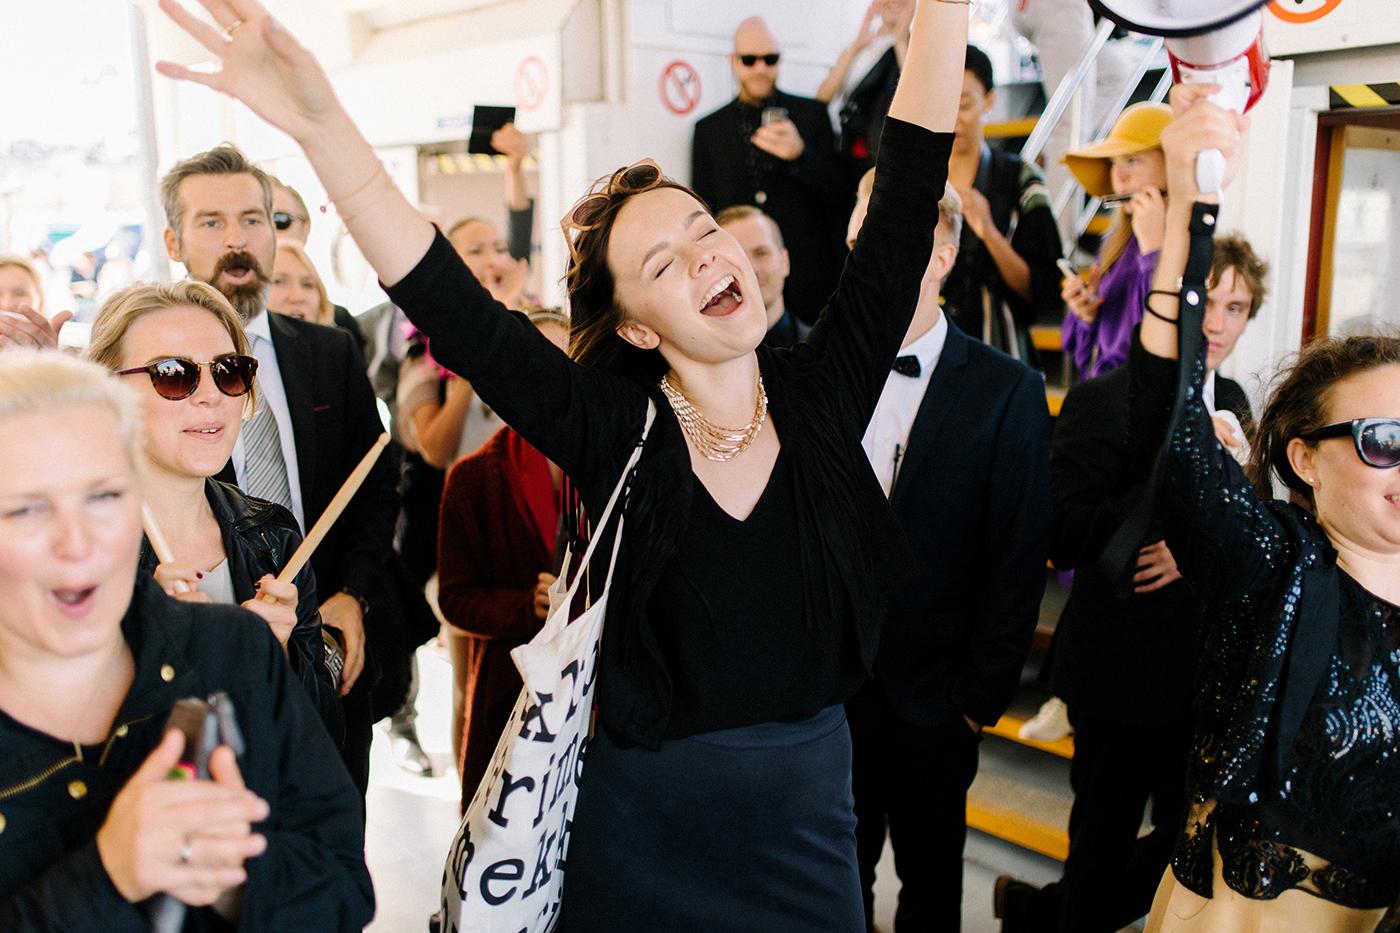 Indie Glam Wedding Tenalji von Fersen Suomenlinna (154).jpg